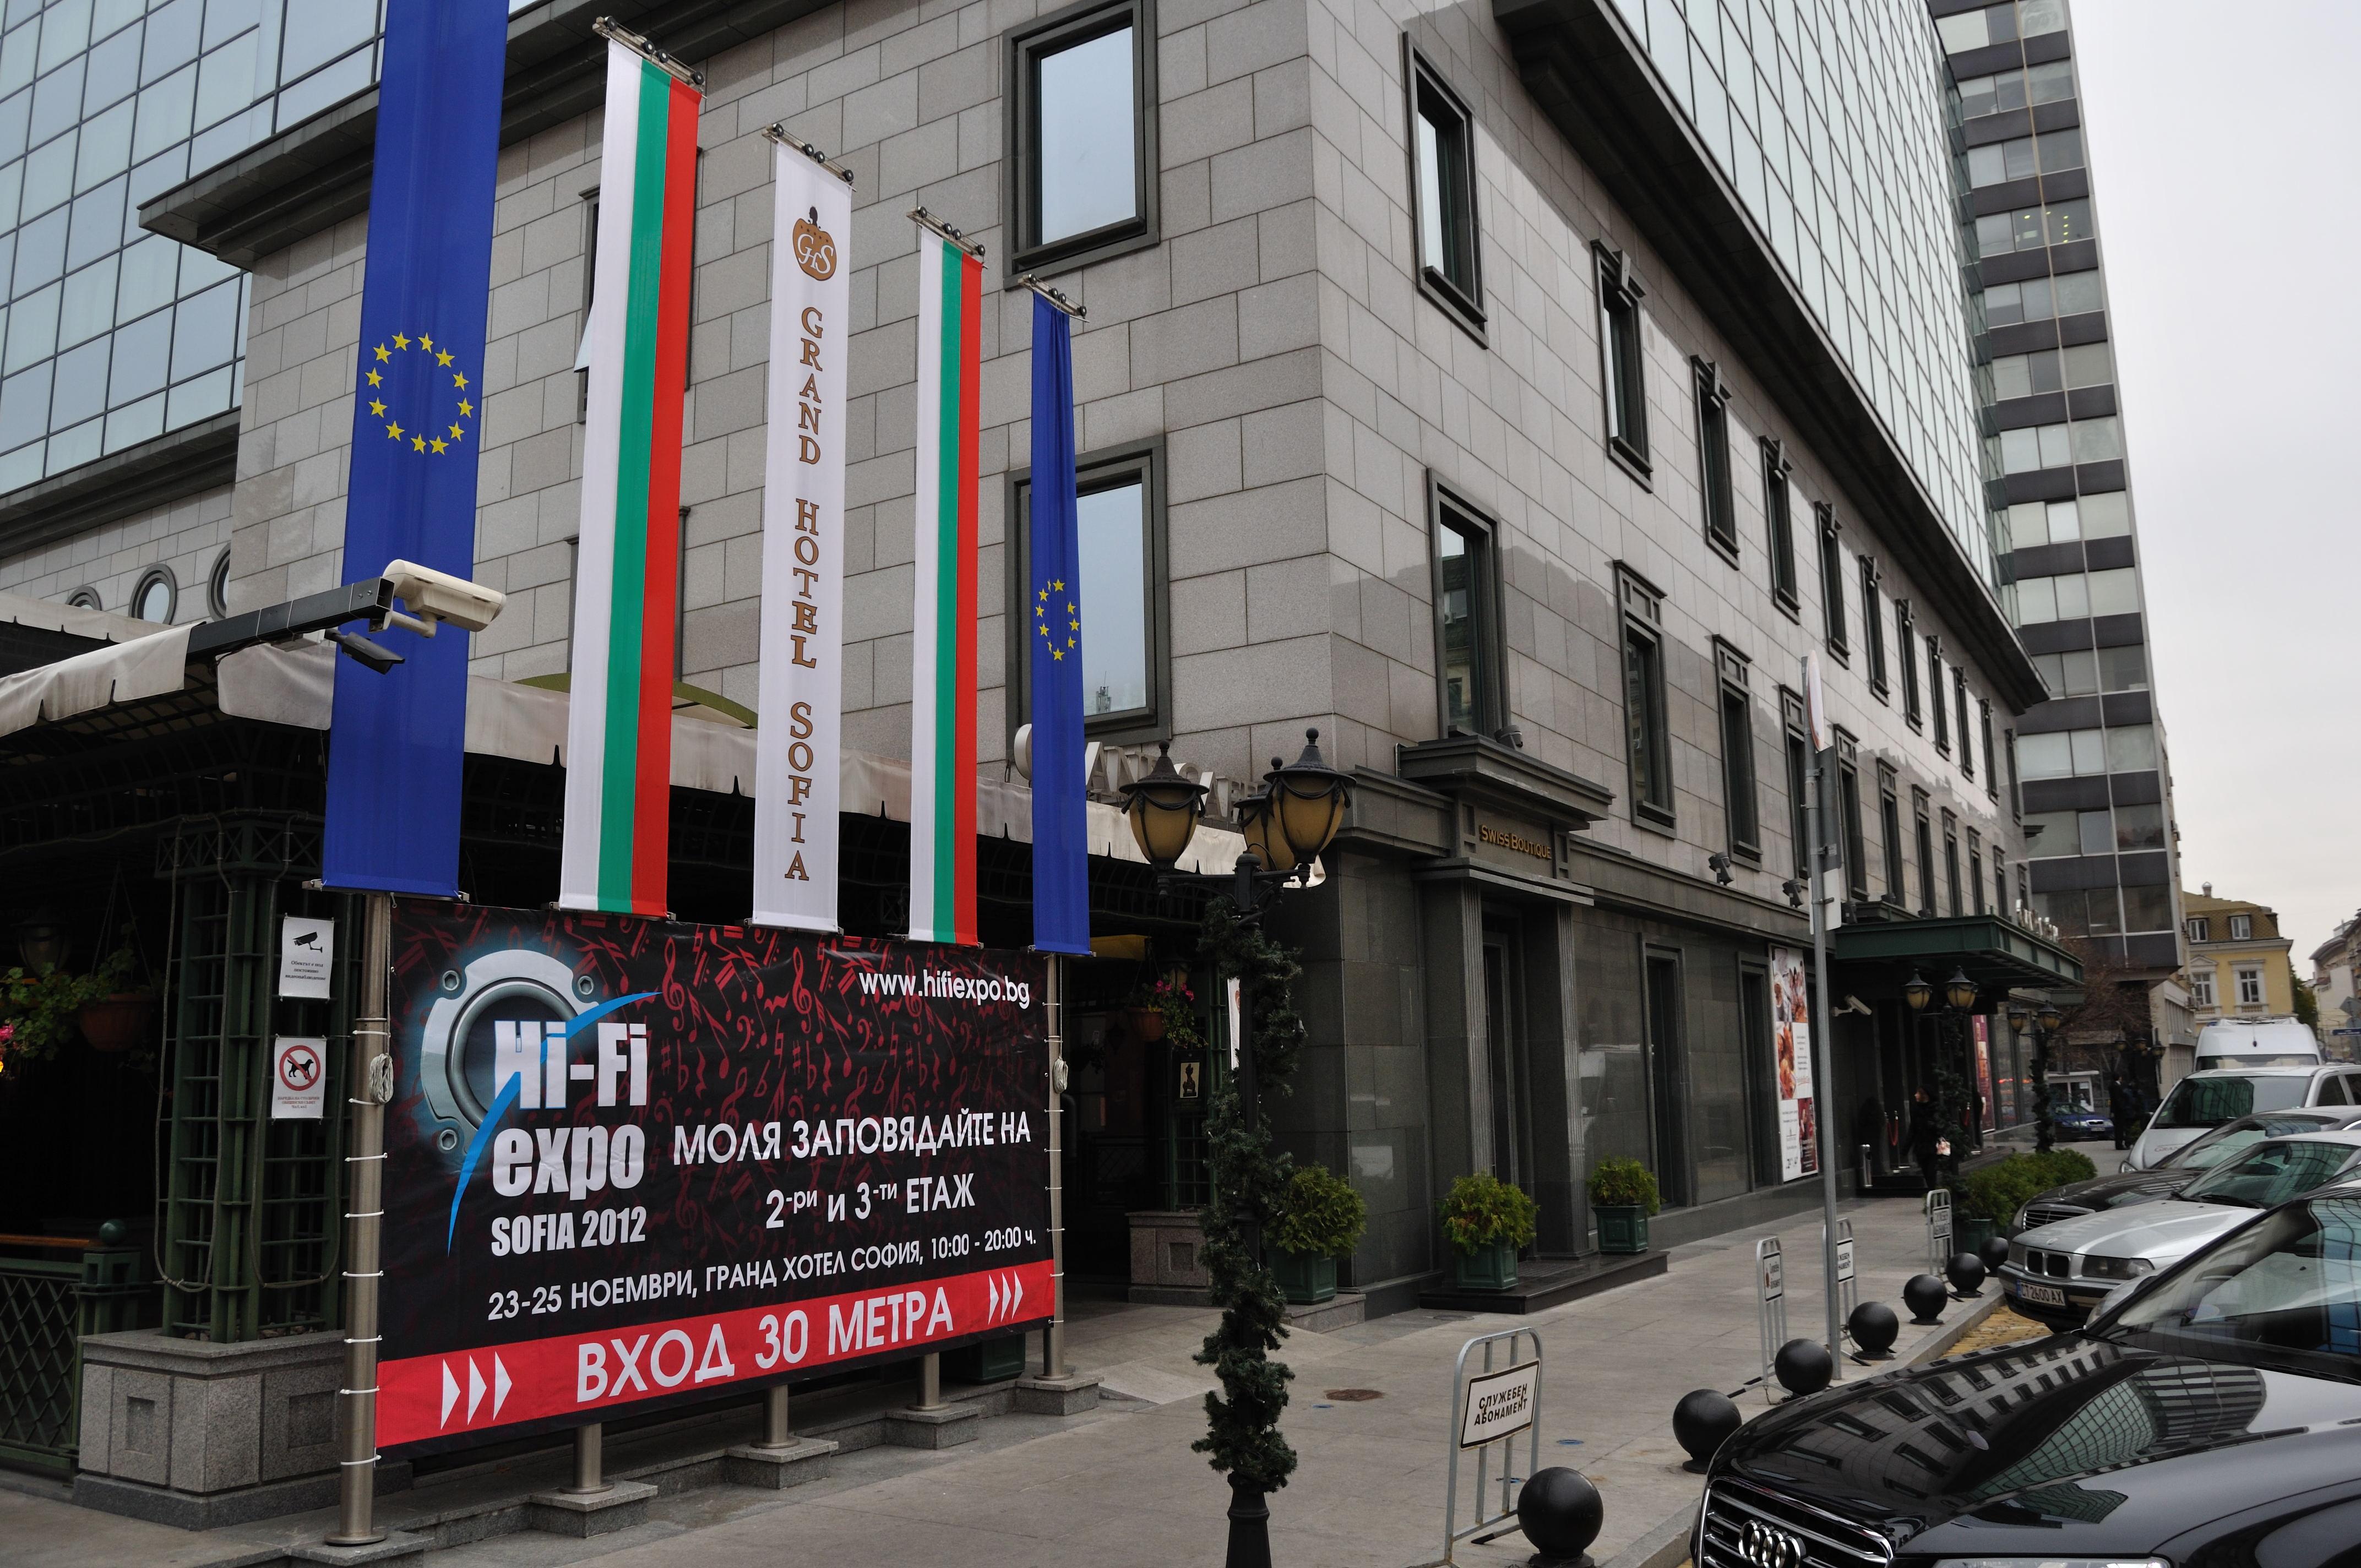 Hi-Fi Expo 2012 Grand Hotel Sofia